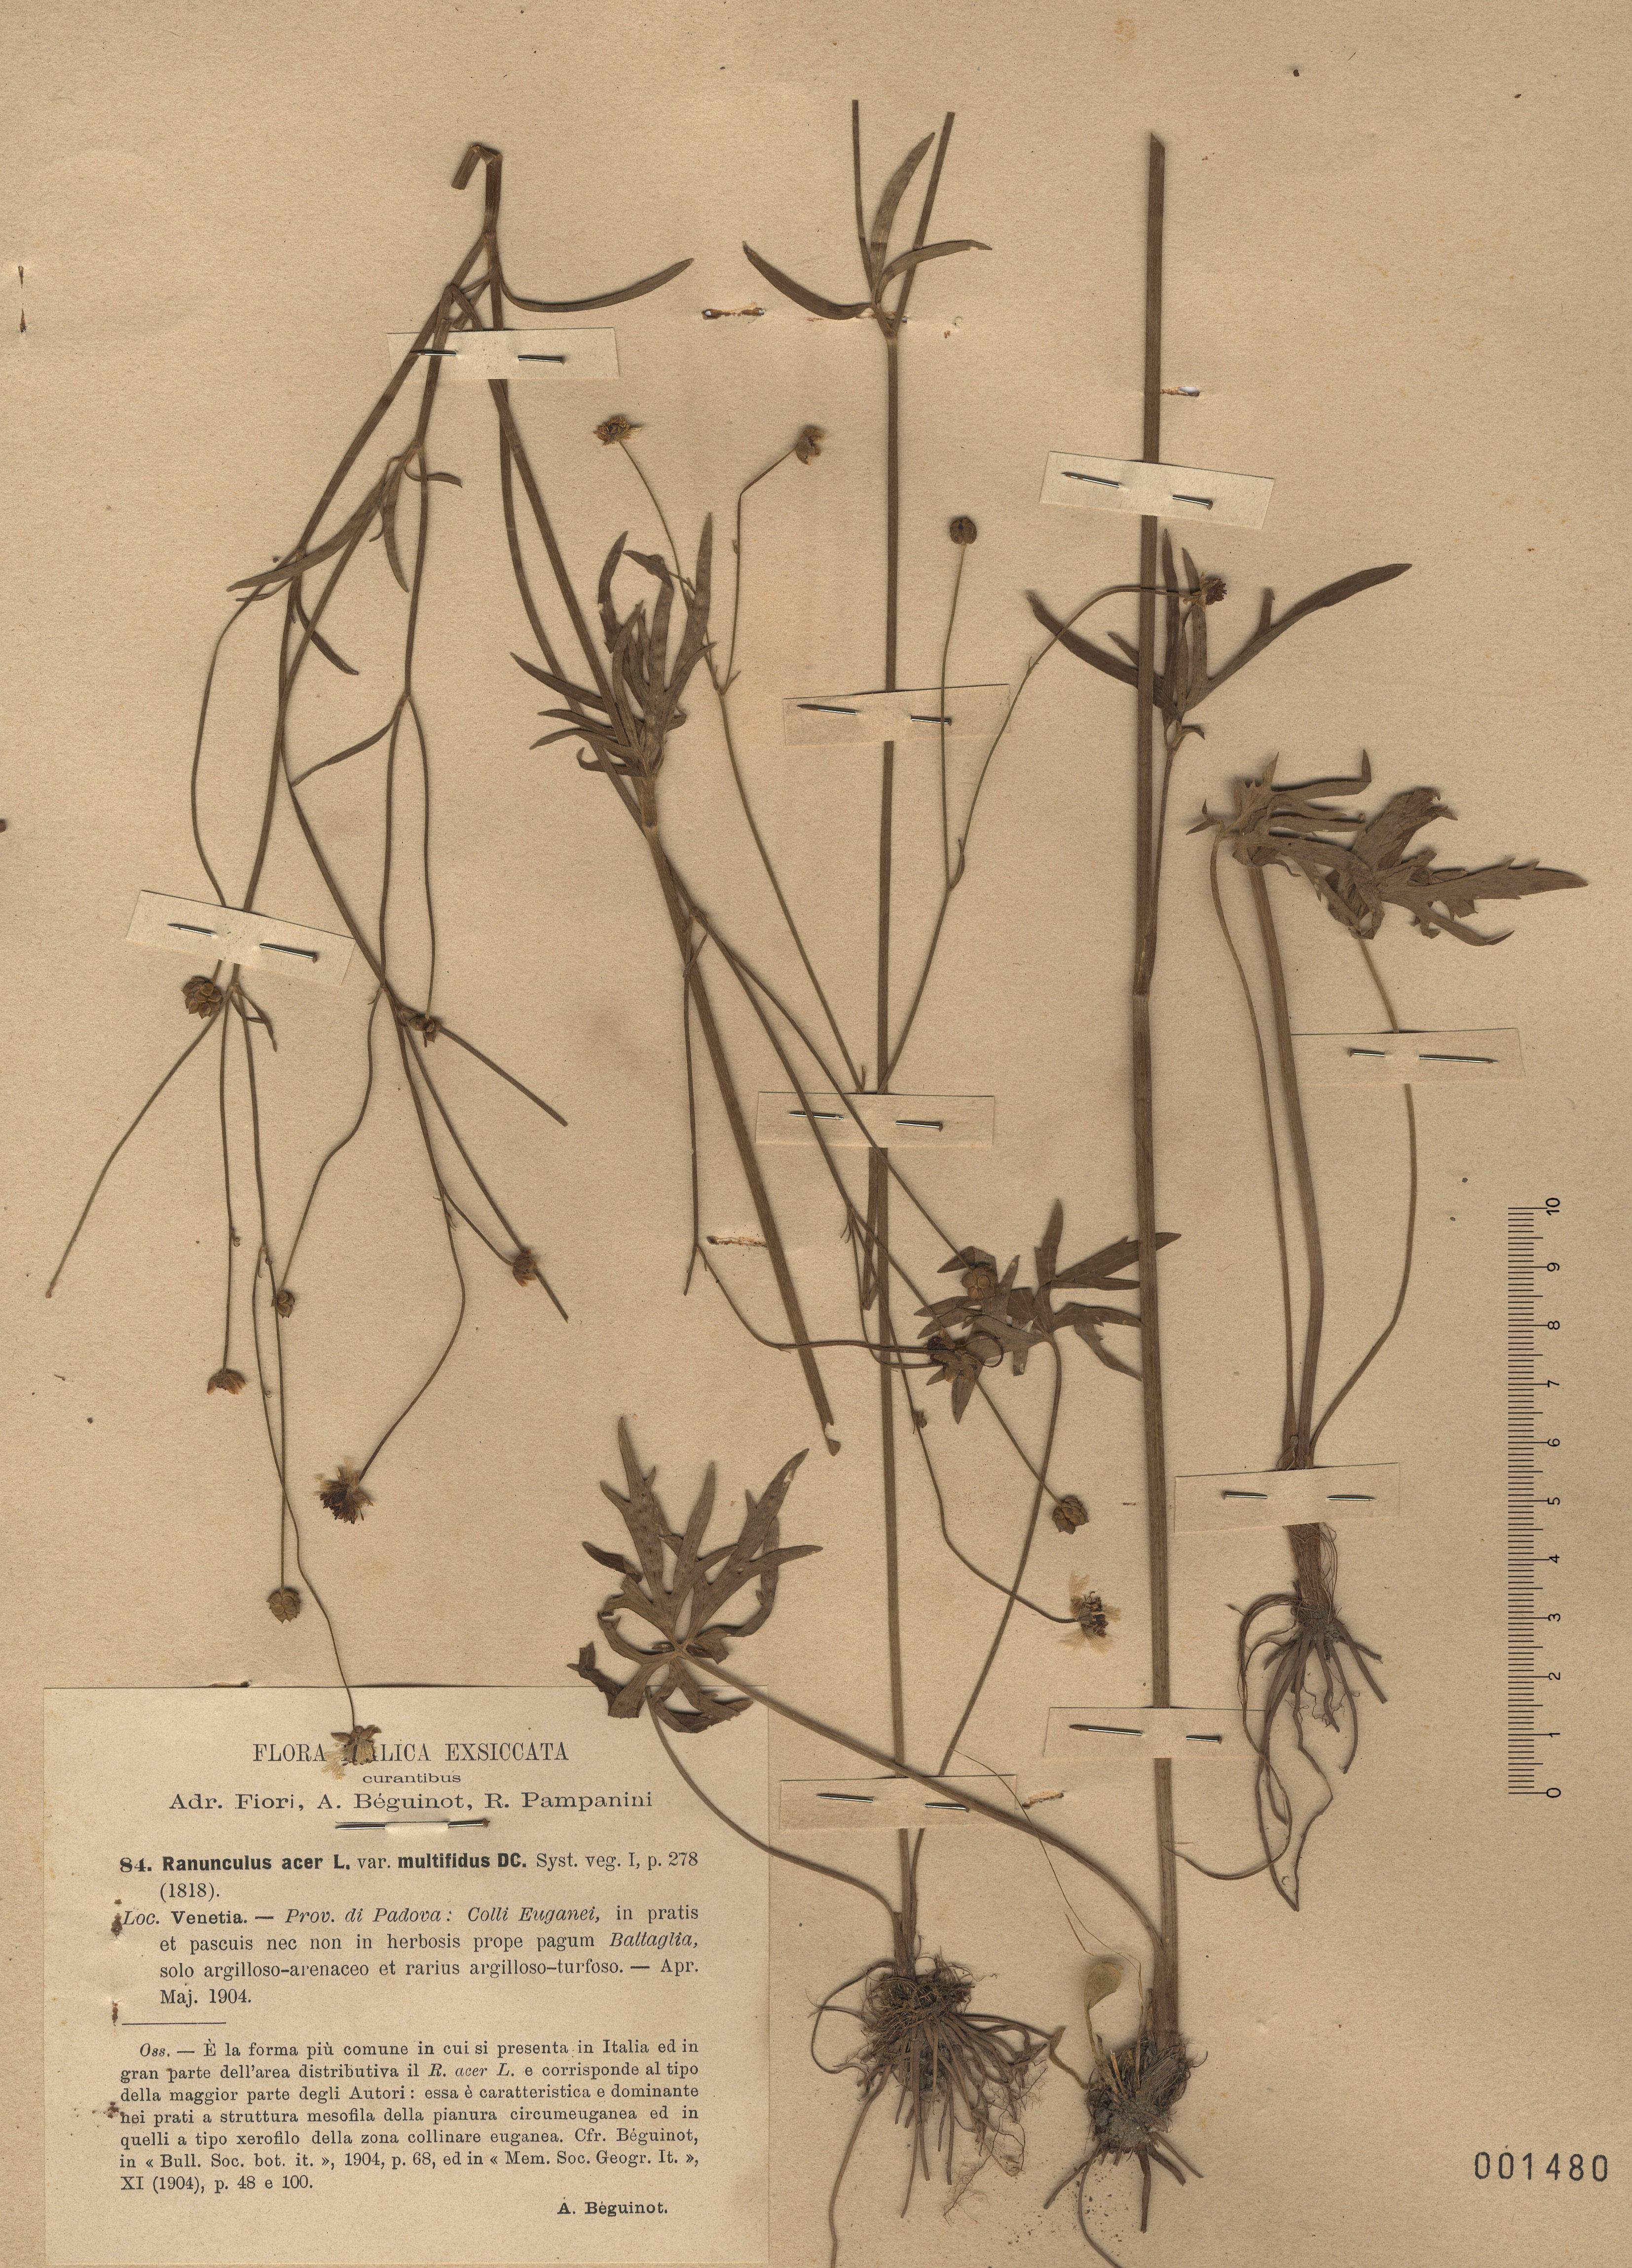 © Hortus Botanicus Catinensis - Herb. sheet 001480<br>